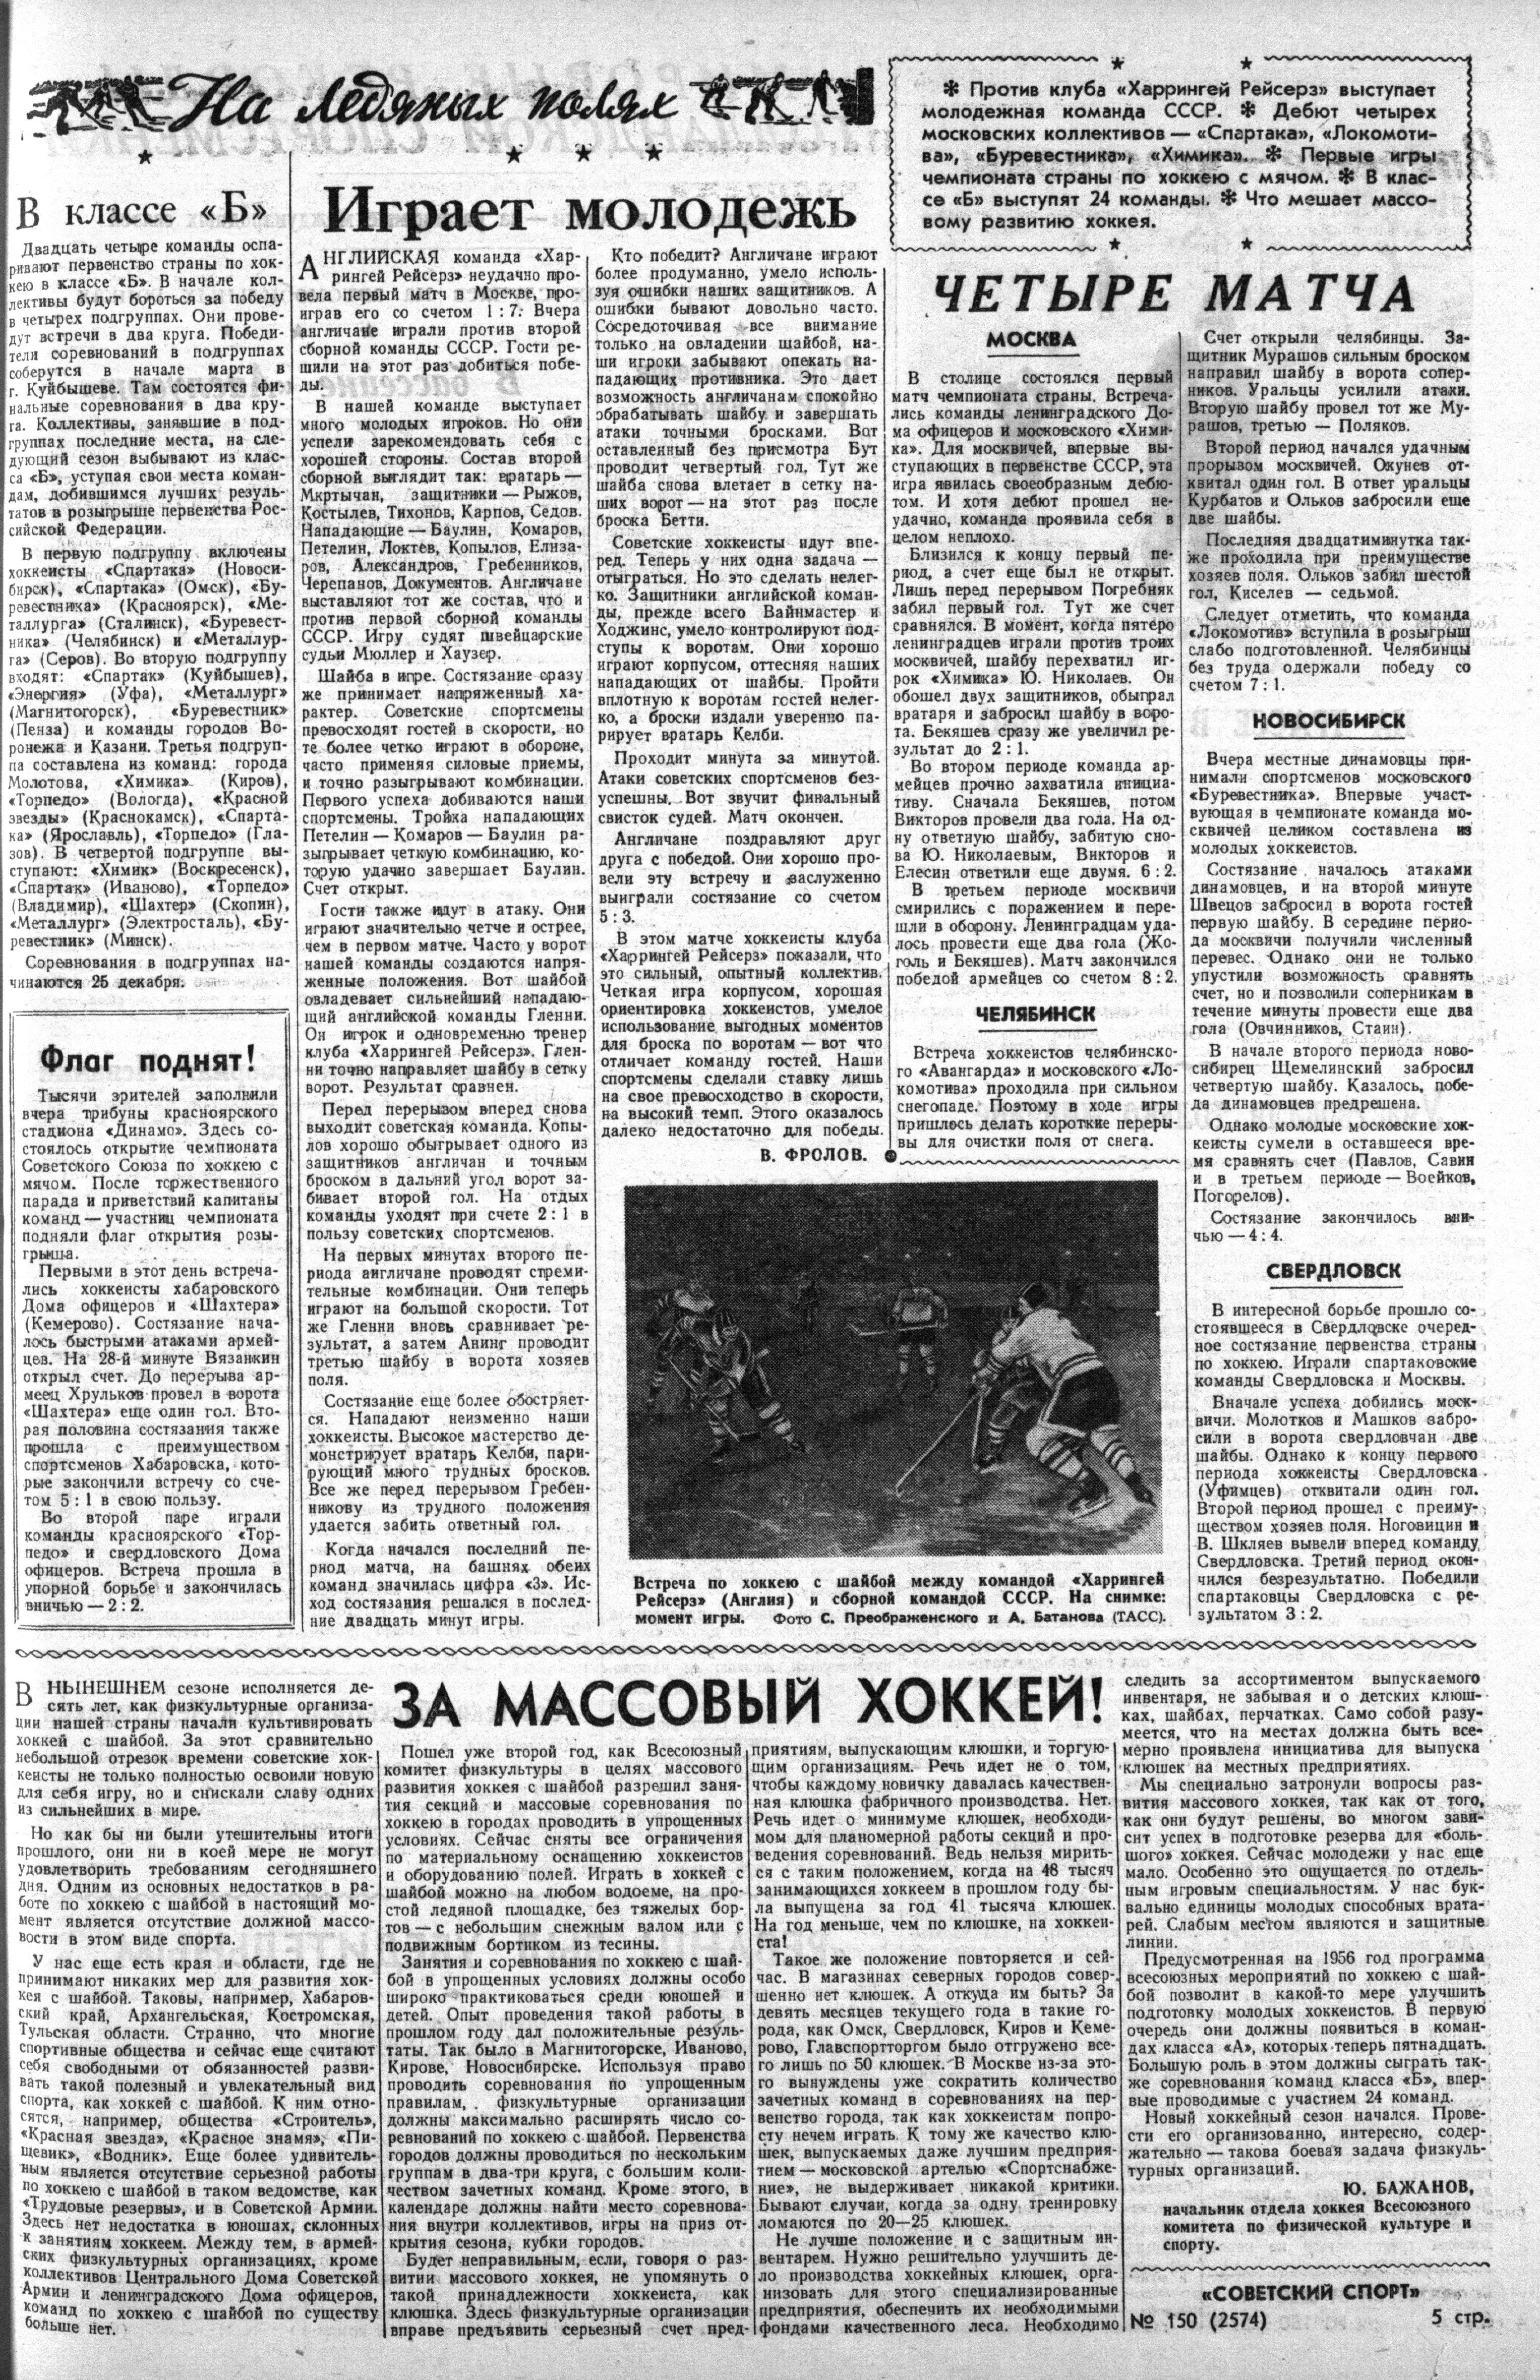 Sov_sport_1955_12_15_N150_s5.JPG